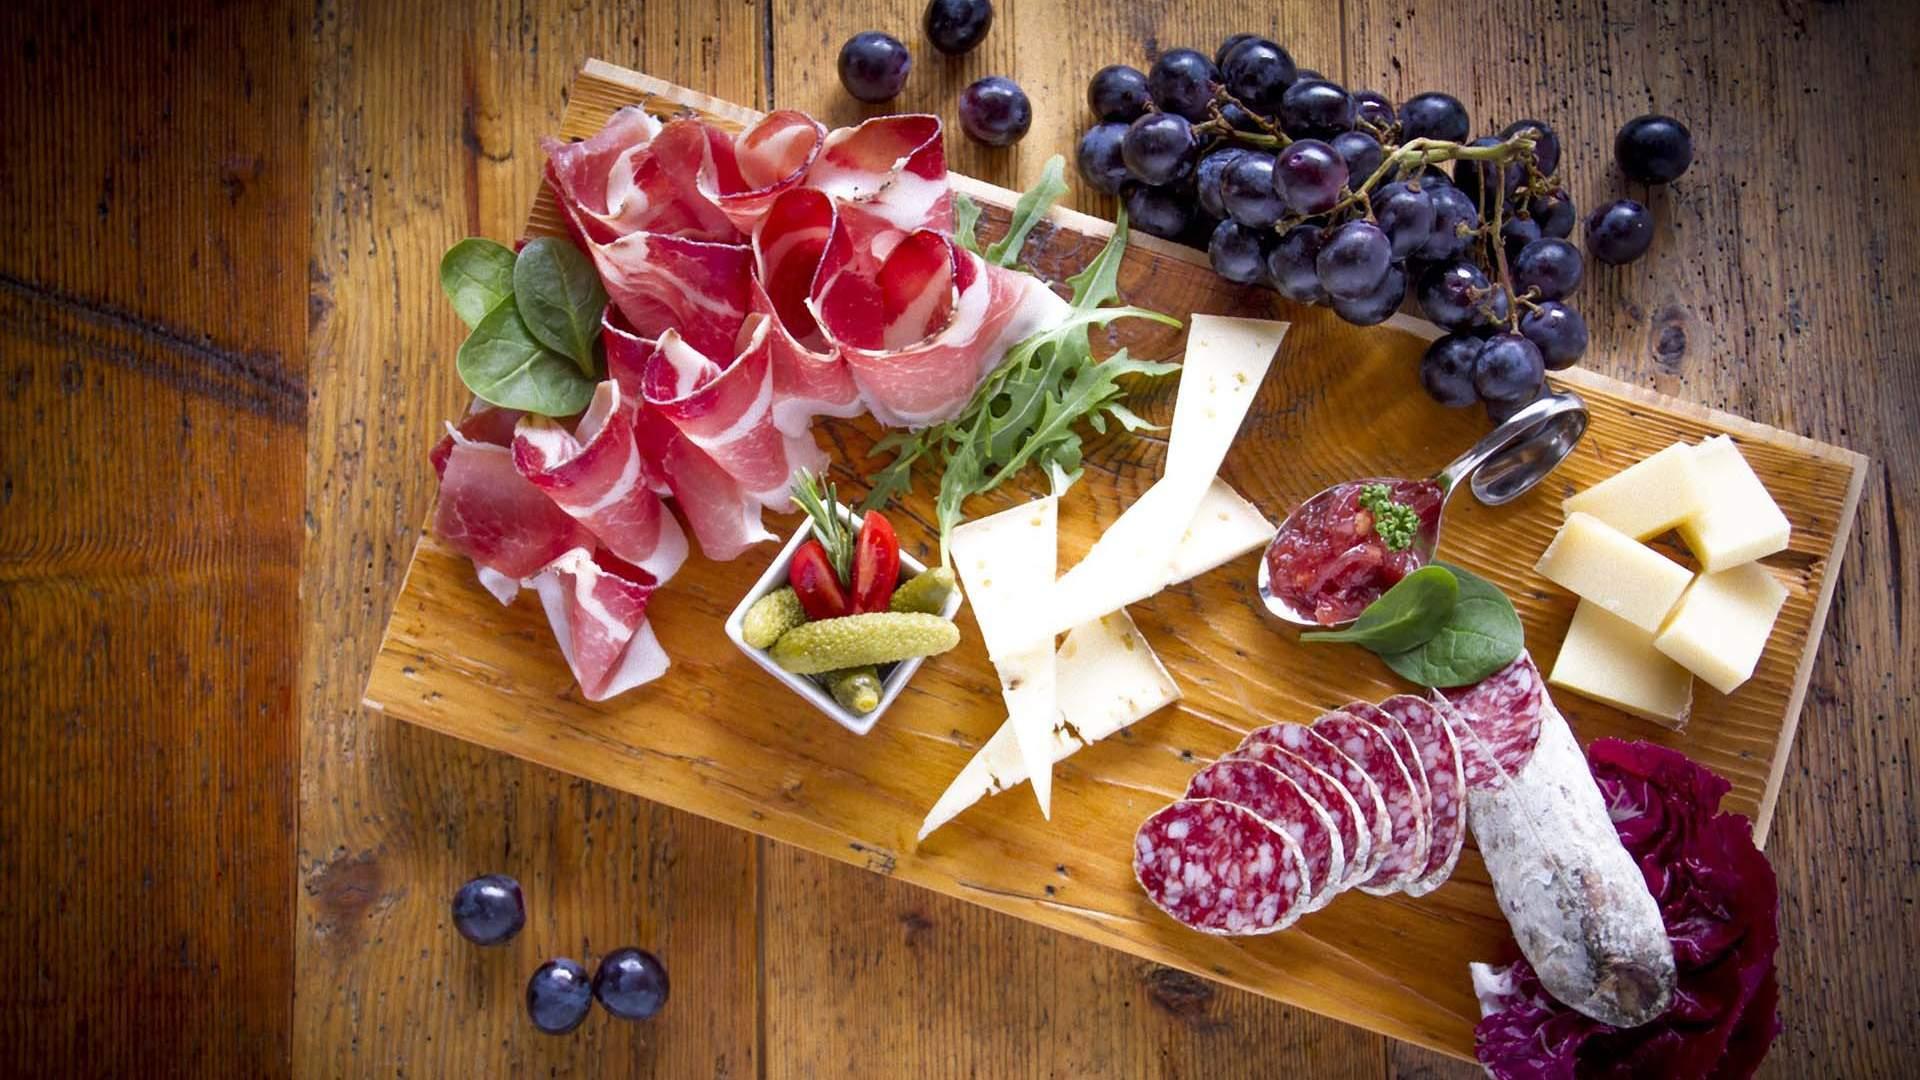 tagliere salumi e formaggi Hotel Genzianella Predazzo Val di Fiemme Trentino e